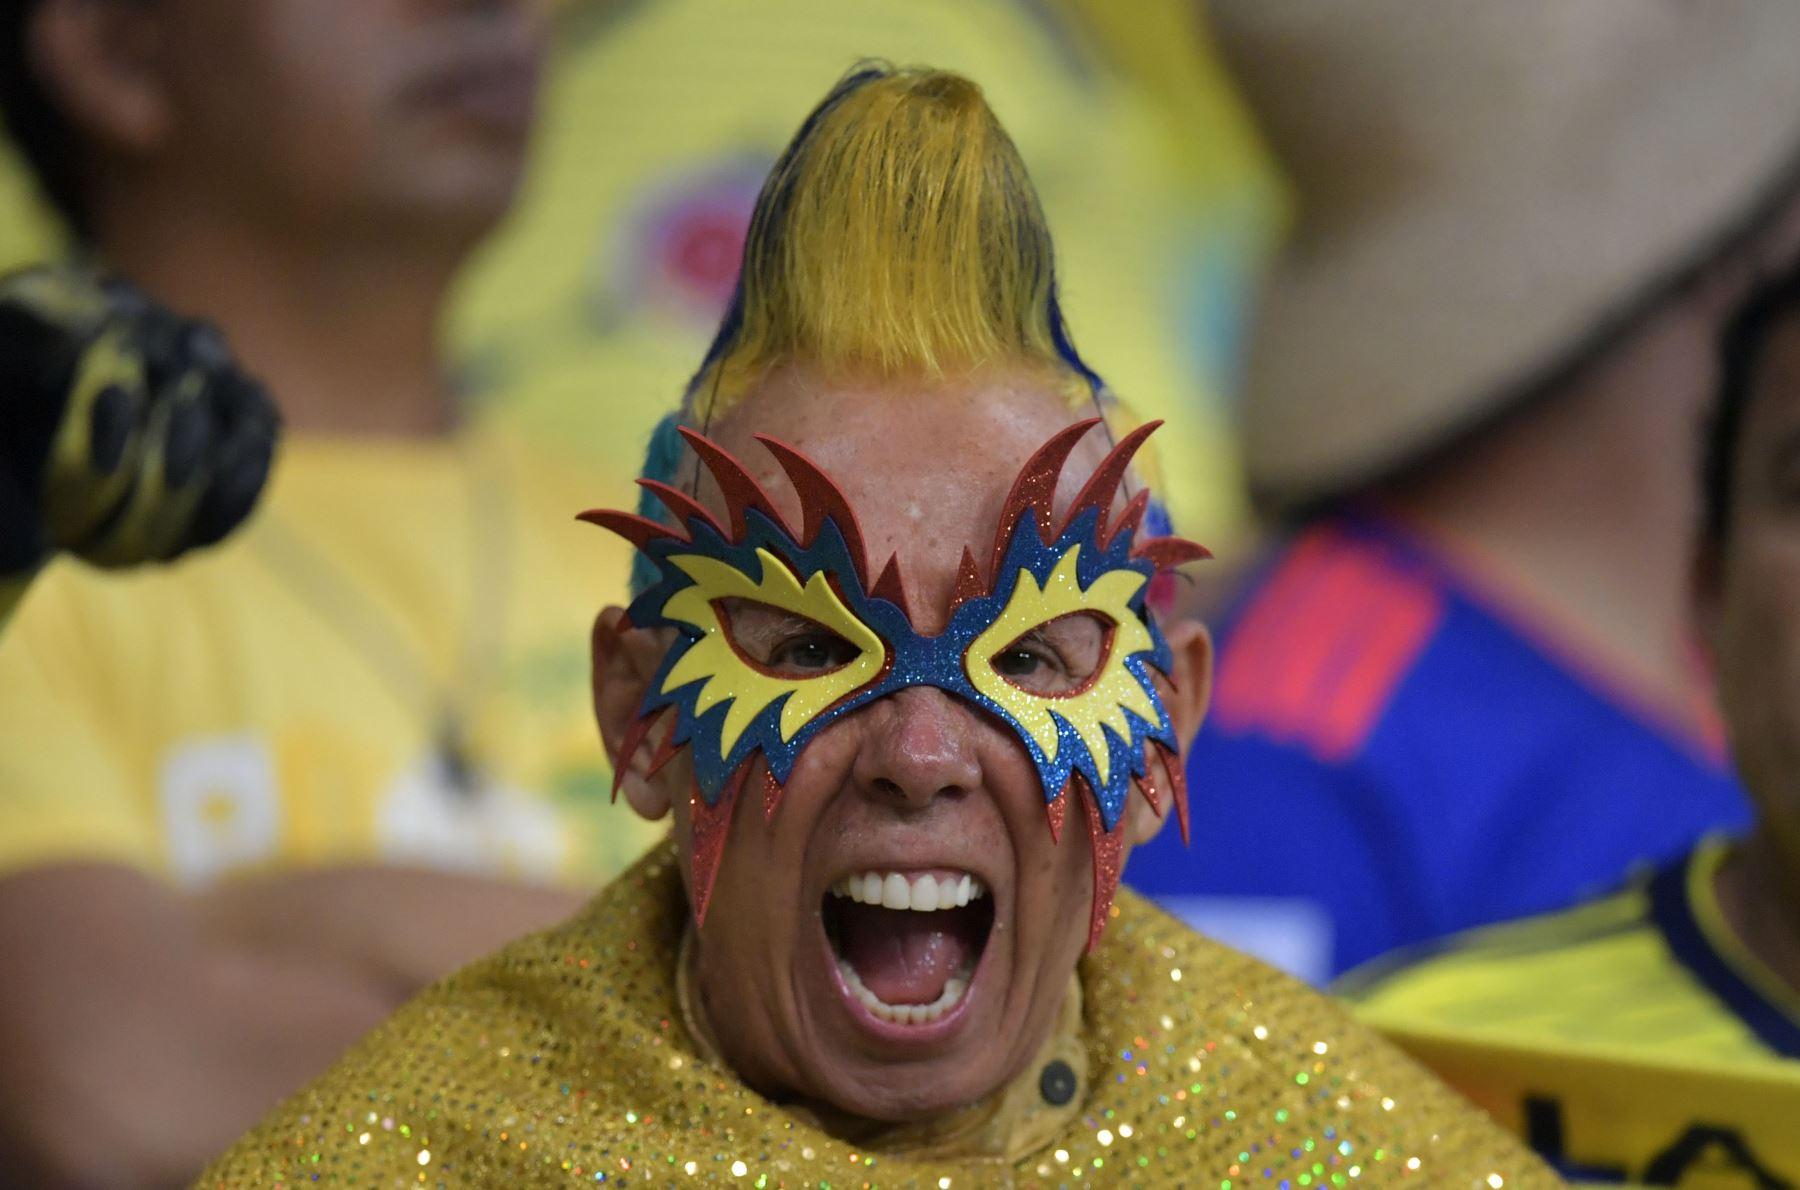 Un fanático de Colombia aplaude antes del inicio del partido de la Copa América en el torneo de fútbol contra Argentina en el Fonte Nova Arena en Salvador, Brasil. Foto: AFP